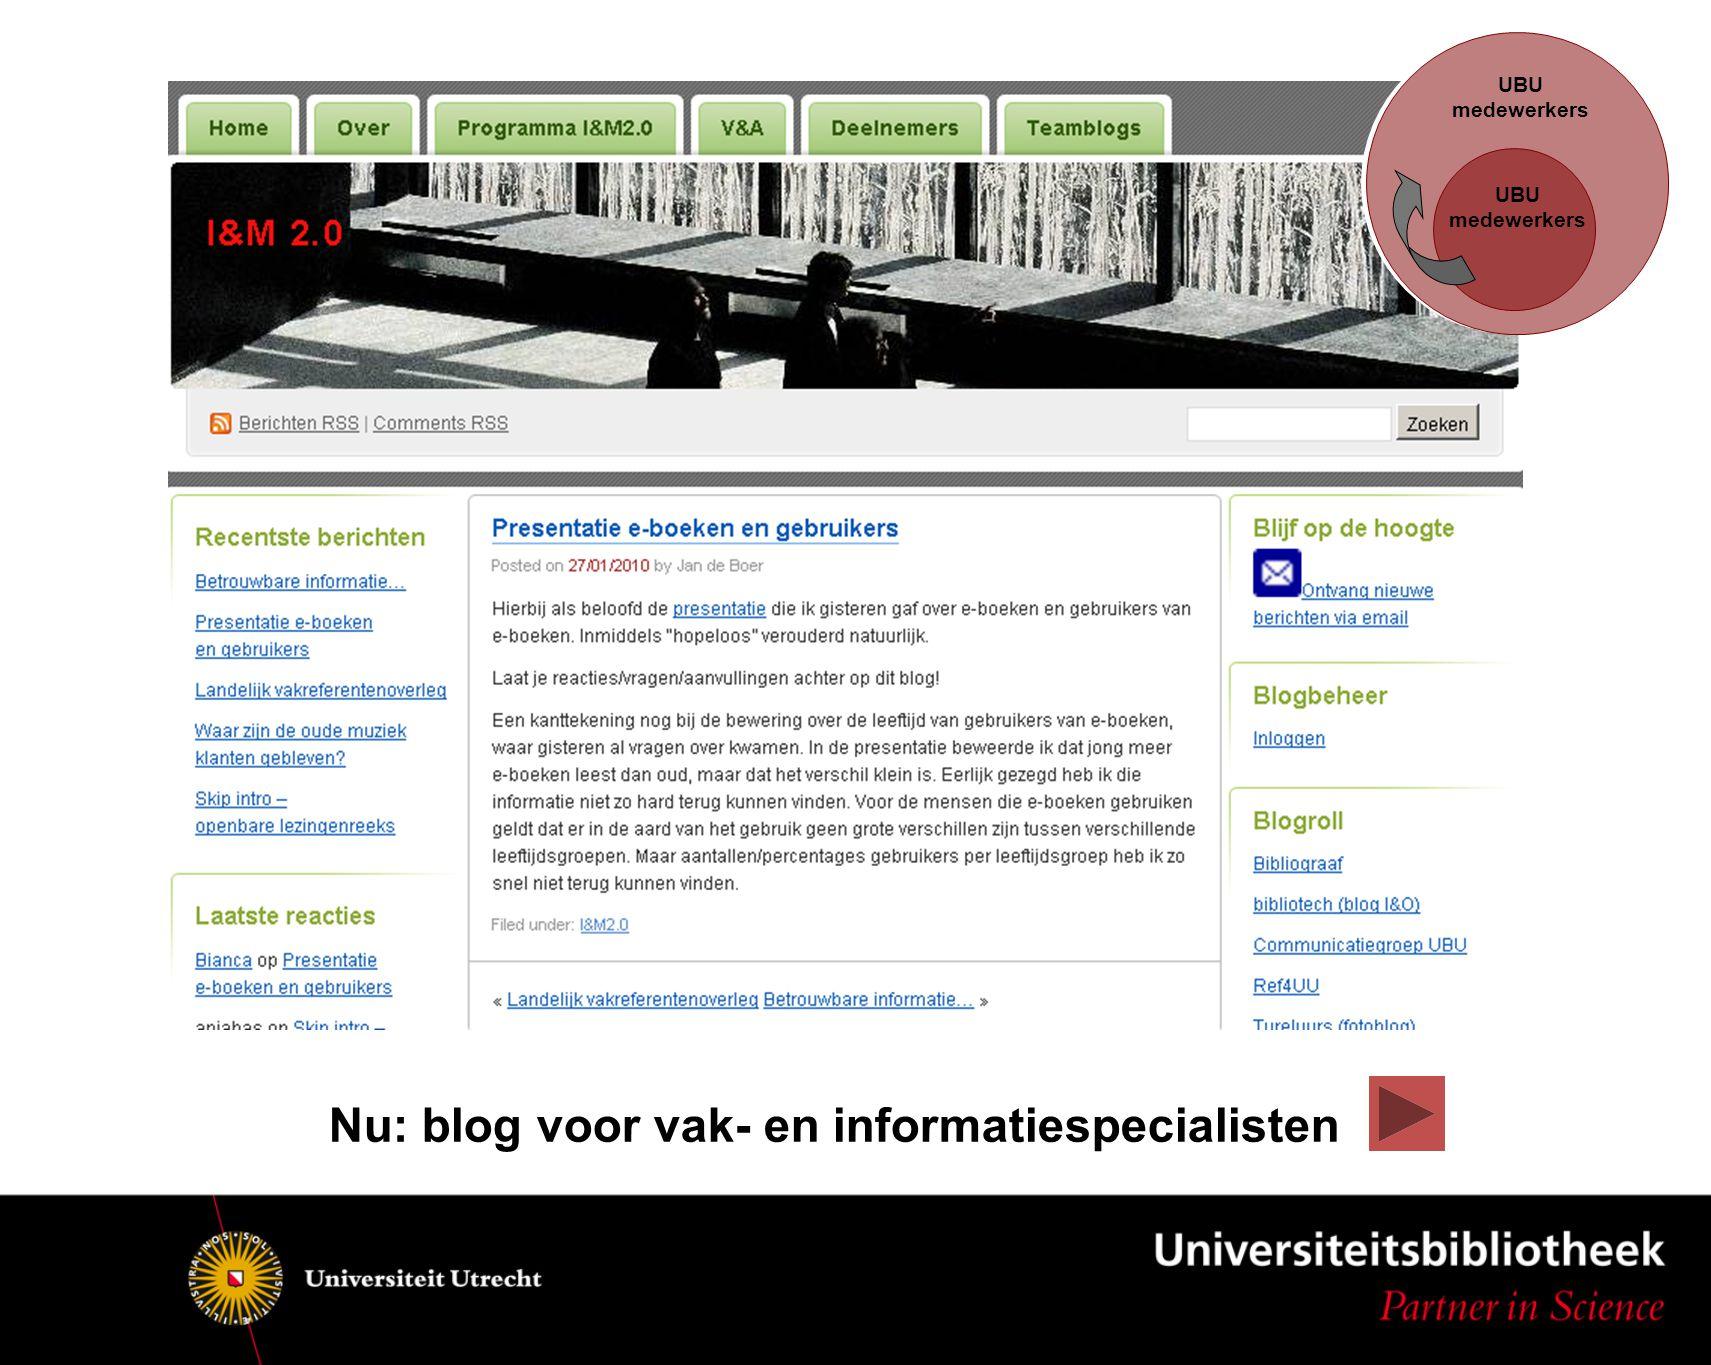 UBU medewerkers UBU medewerkers Nu: blog voor vak- en informatiespecialisten